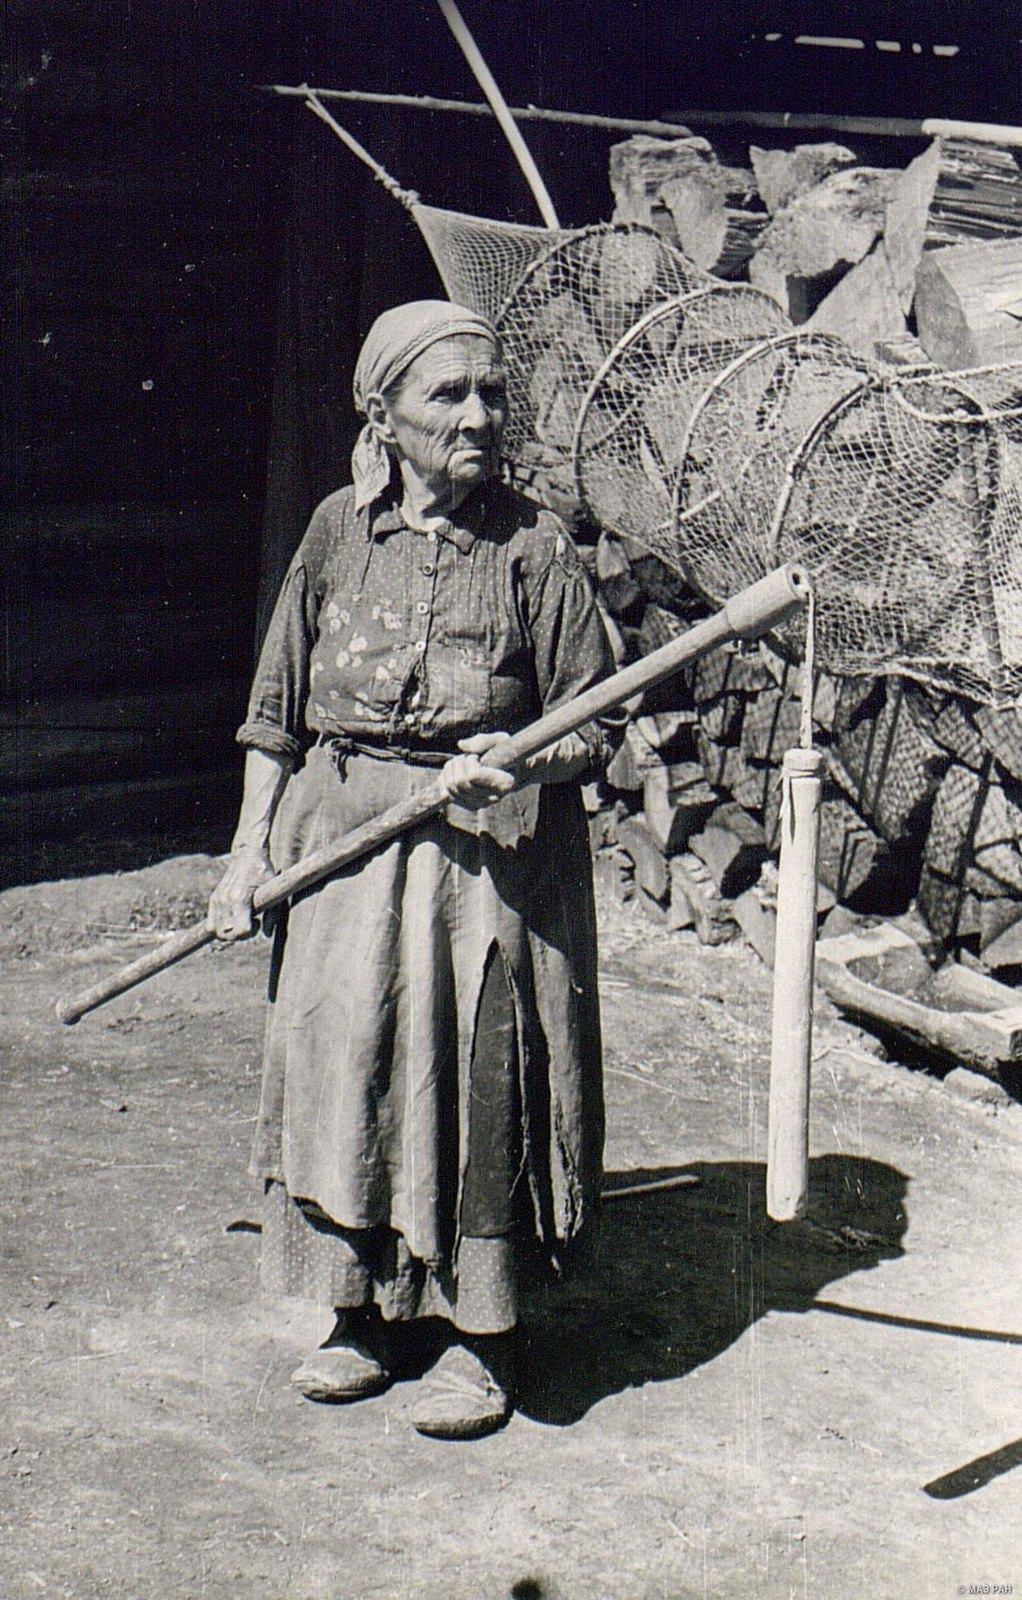 Женщина с «молотилом», на заднем плане рыболовная снасть - «фитиль»